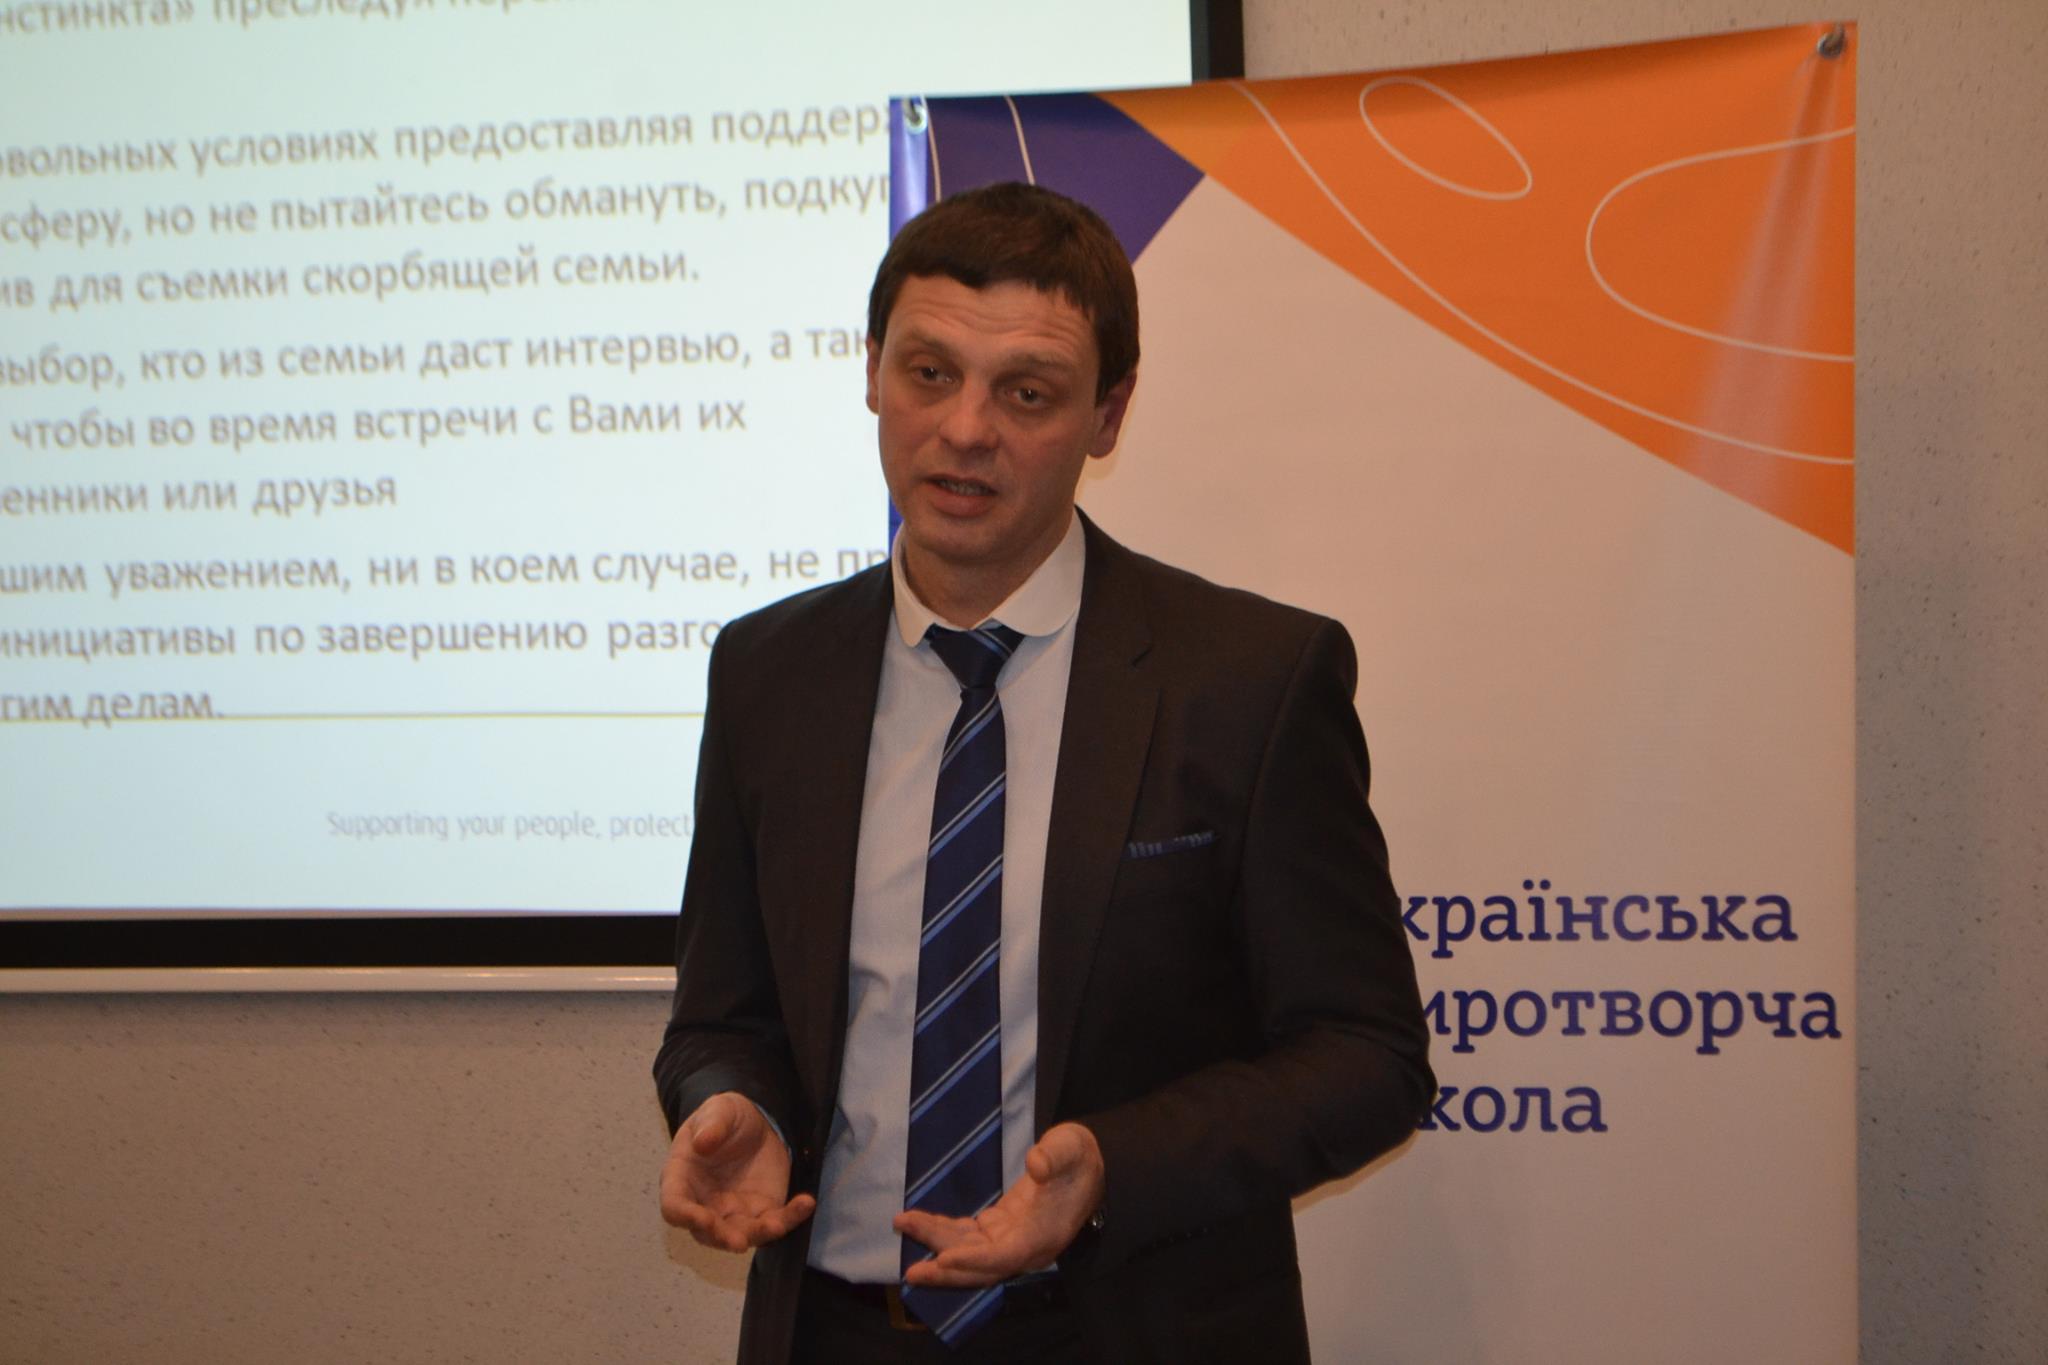 Олександр Дімитревич